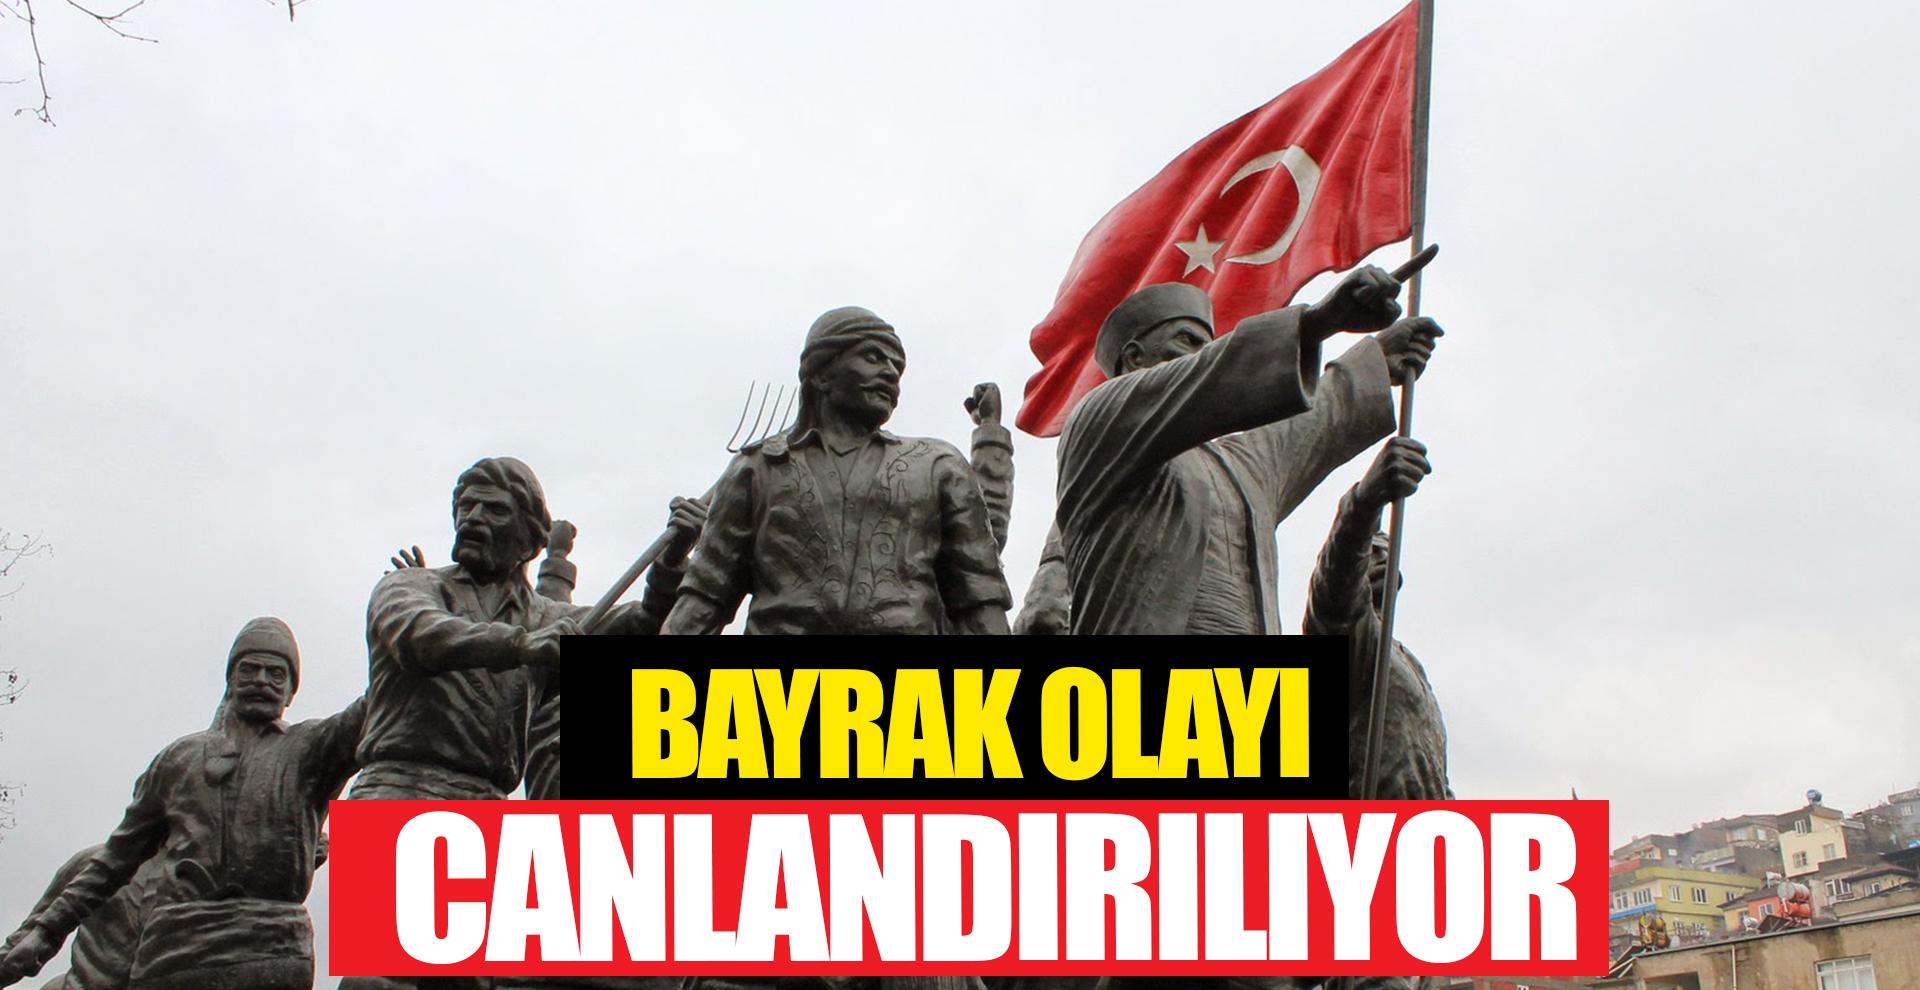 Bayrak olayı Atatürk Meydanı'nda canlandırılıyor